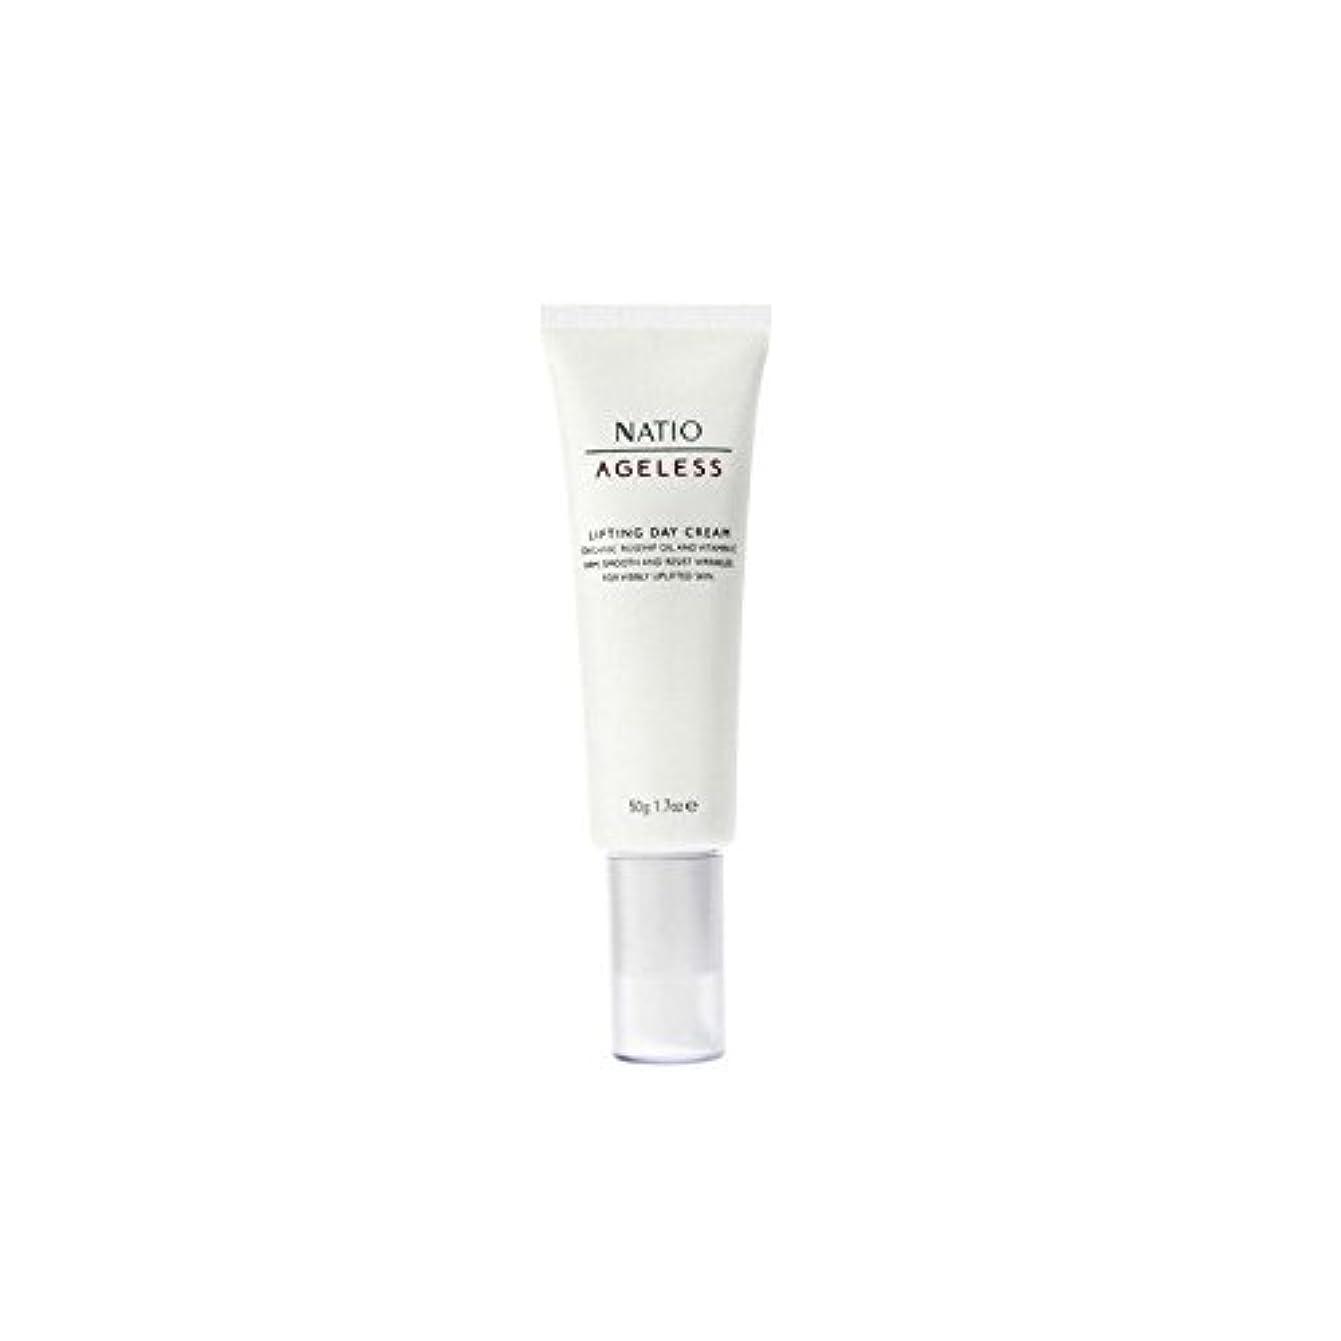 ジョージスティーブンソンポール増幅器Natio Ageless Lifting Day Cream (50G) (Pack of 6) - 永遠リフティングデイクリーム(50グラム) x6 [並行輸入品]